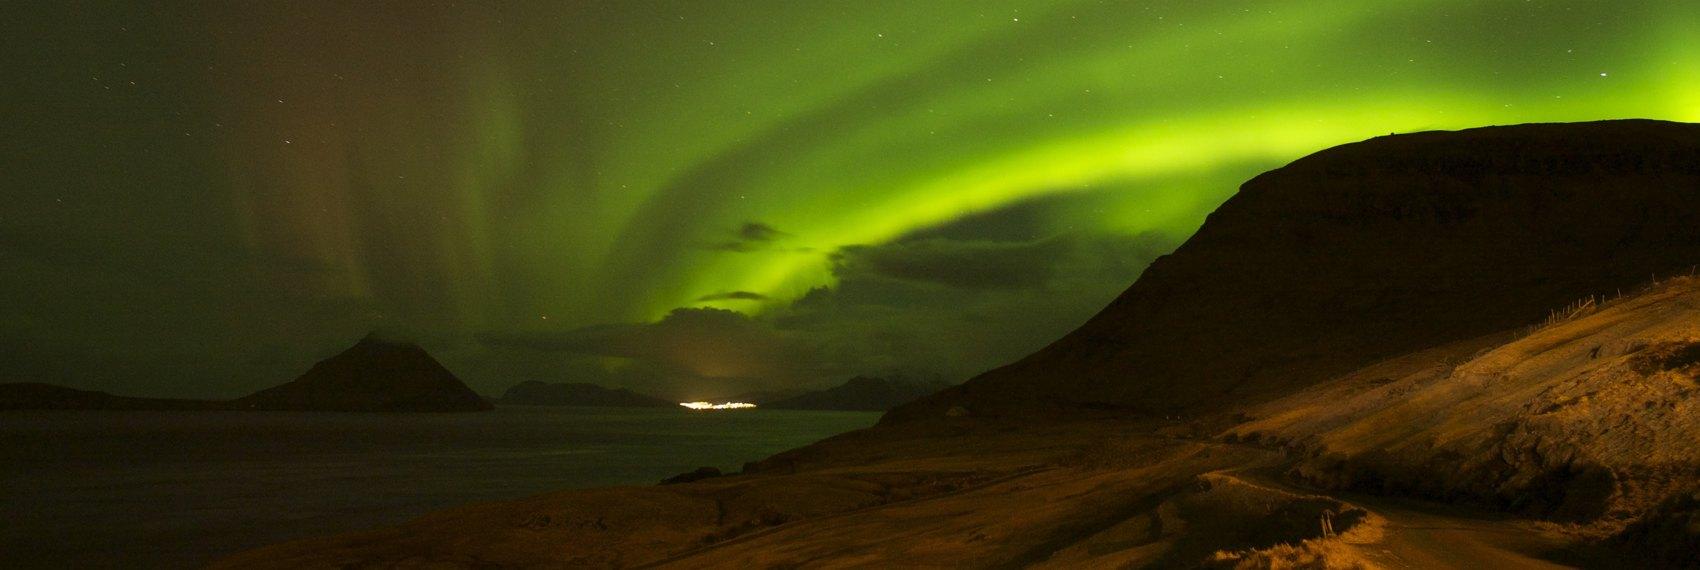 aurors-borealis-faroe-islands-guesthouse-banner